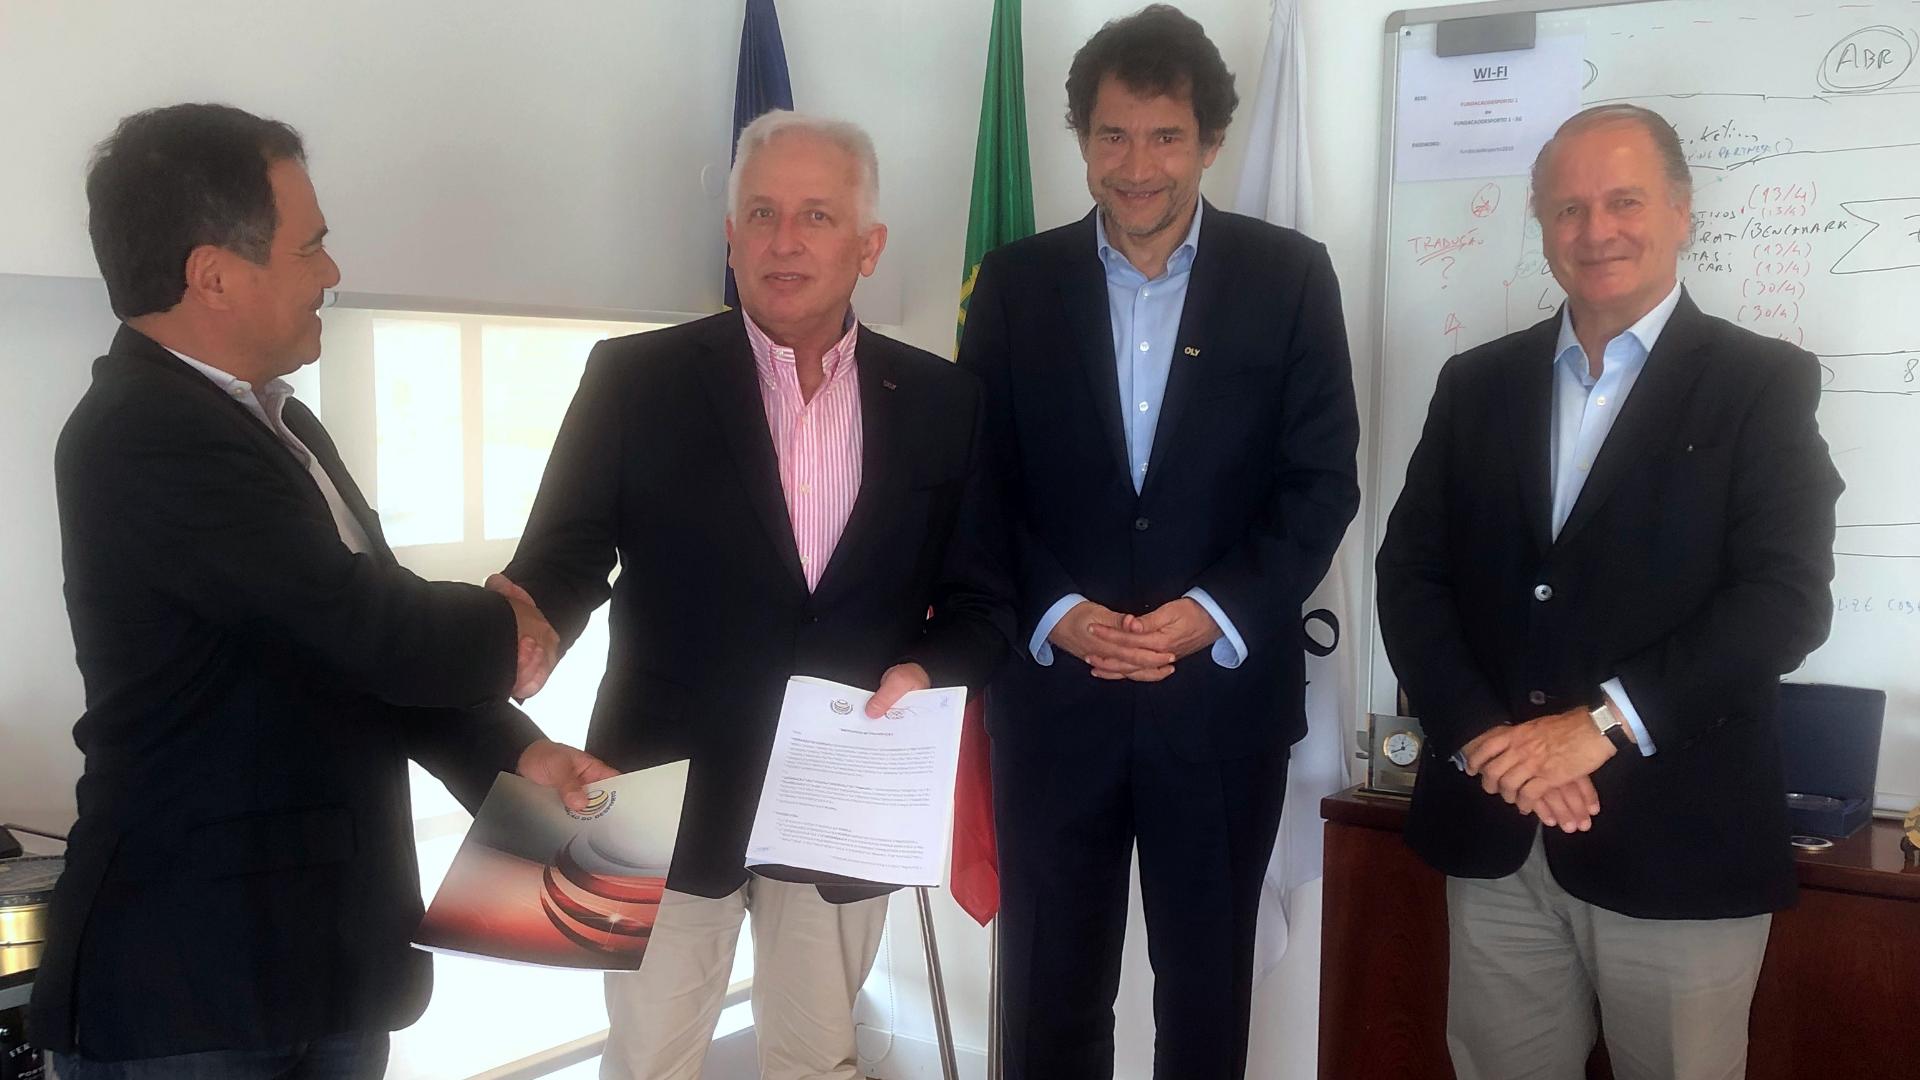 Fundação do Desporto e AAOP celebram Protocolo de Cooperação